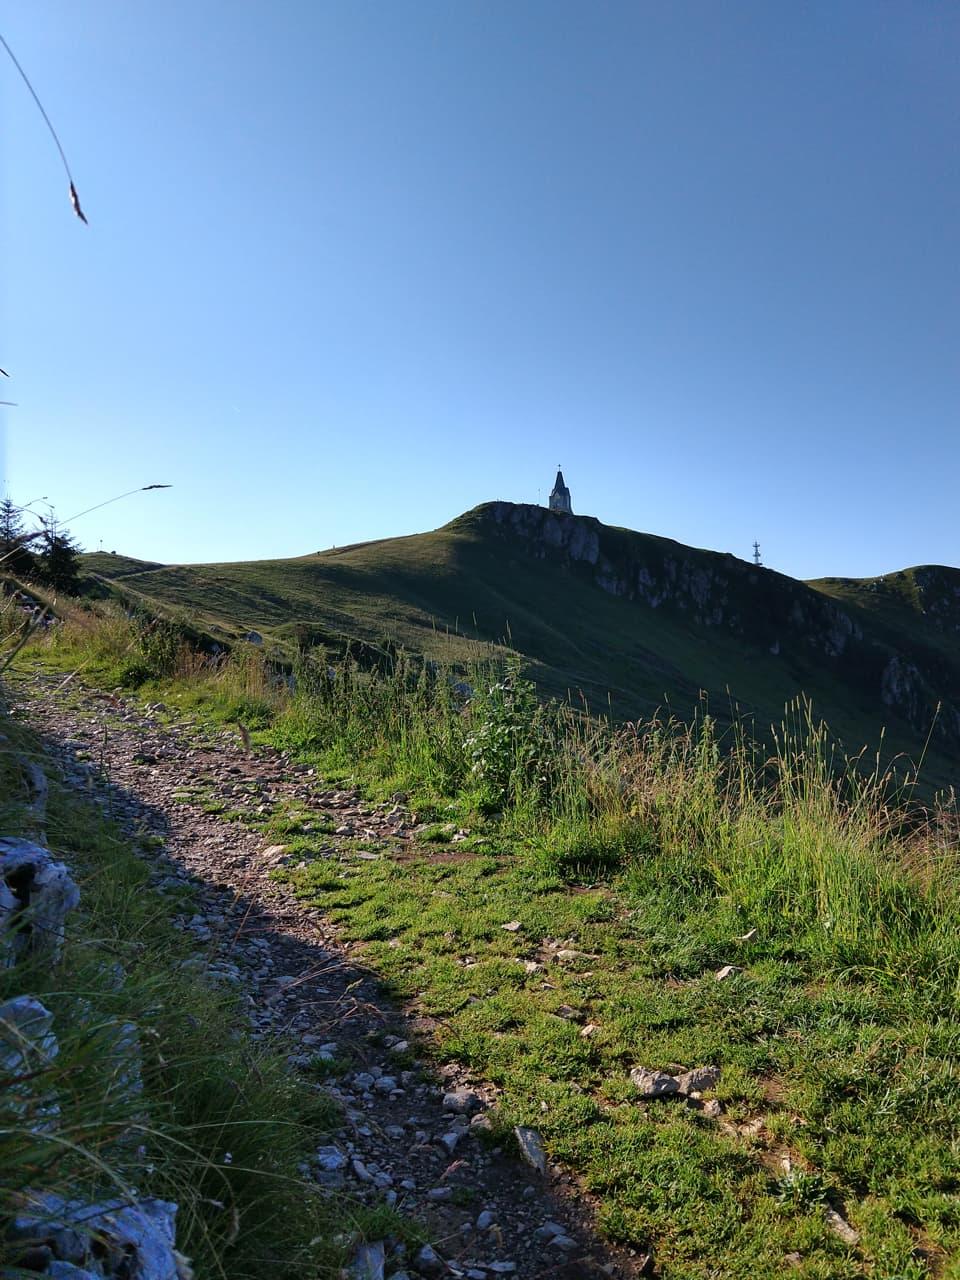 Dal rifugio si raggiunge la vetta lunga un comodo ed ampio sentiero, il monumento ci esorta alla conquista